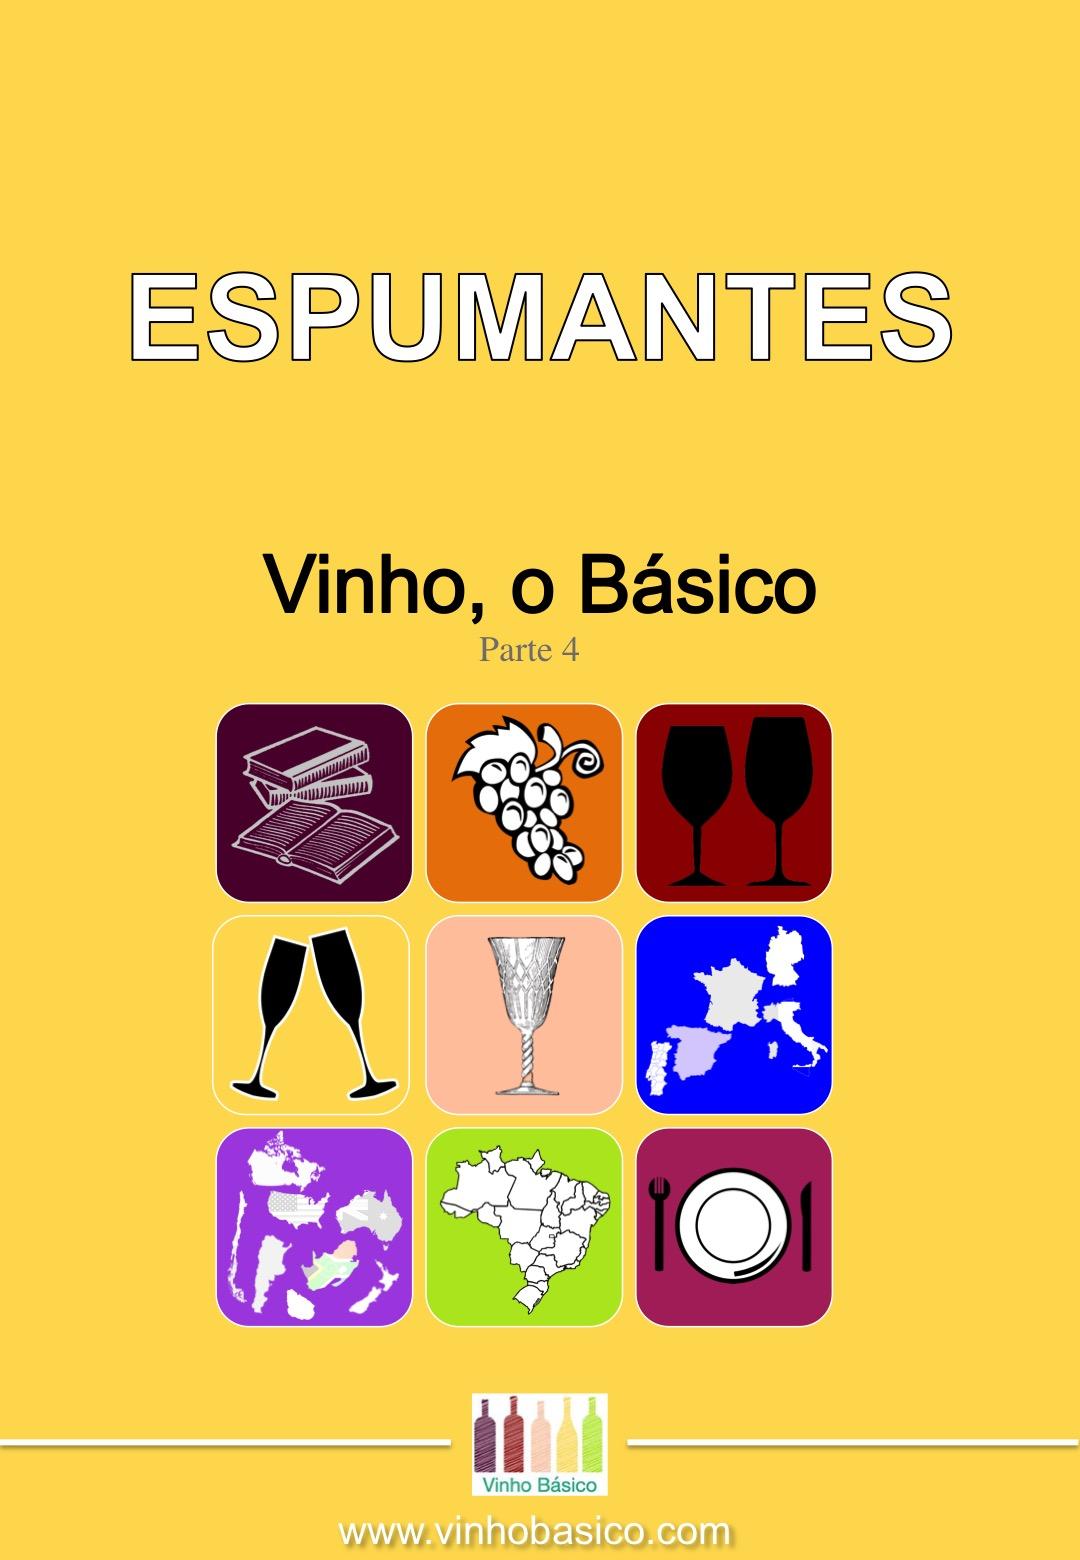 Capa Ebook Vinho o Basico 4 ESPUMANTES